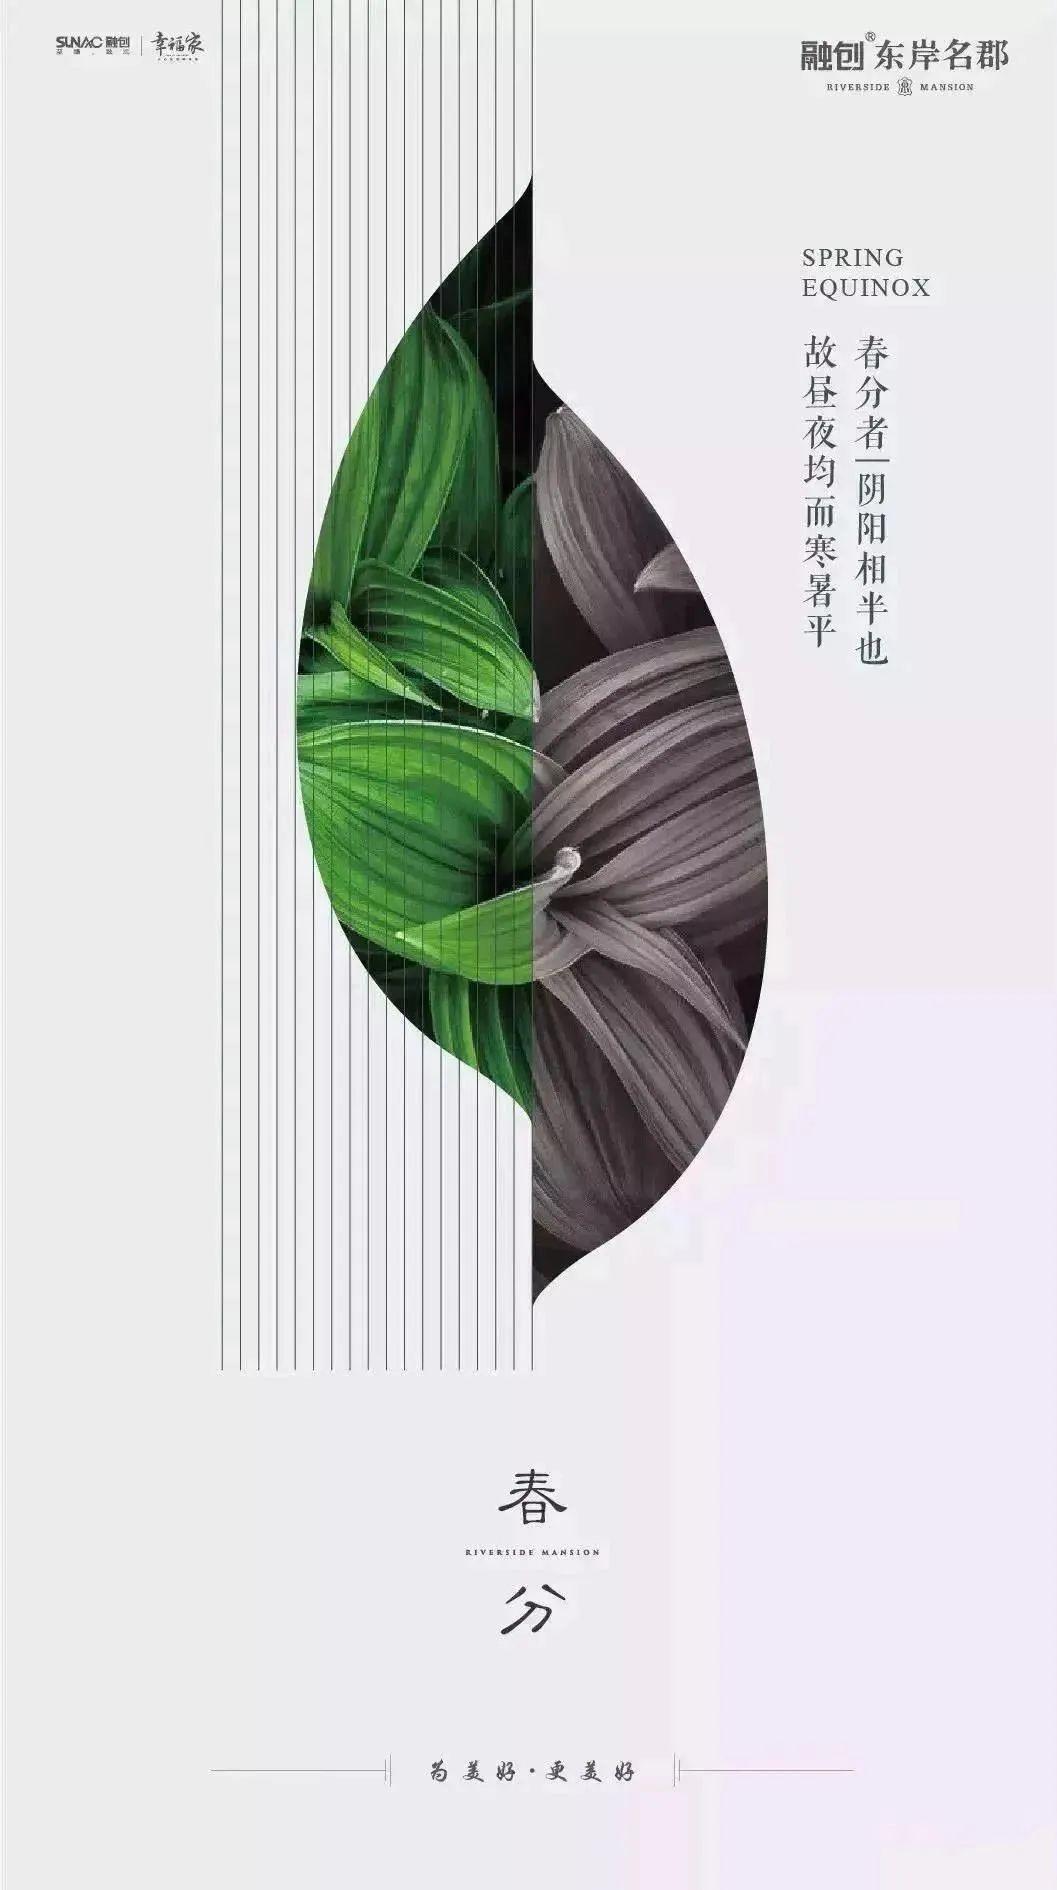 2021春分文案海报 : 吹了你吹过的风算不算相拥?插图15